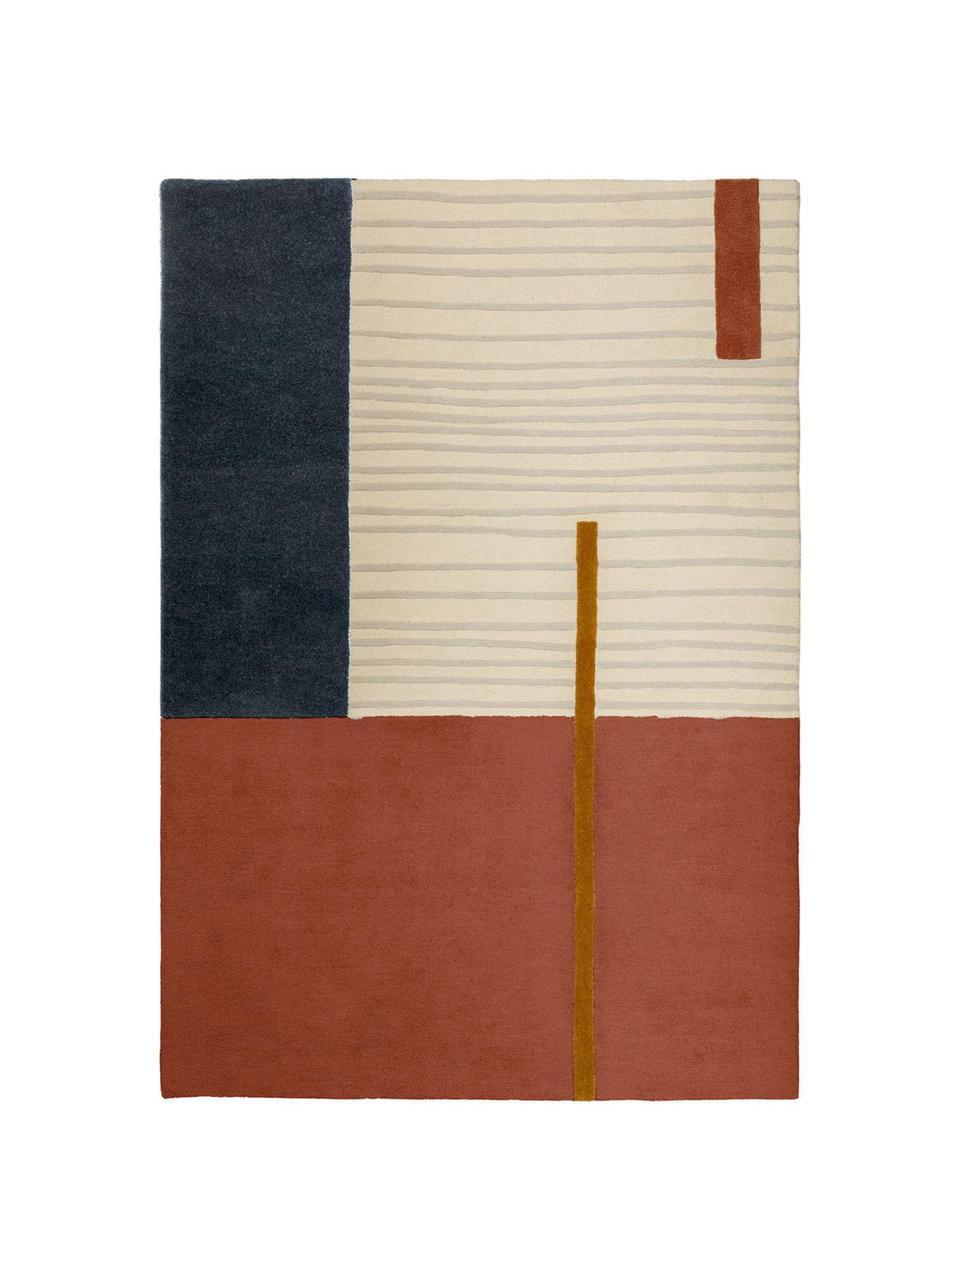 Dywan z wełny Bahiti, 100% wełna Włókna dywanów wełnianych mogą nieznacznie rozluźniać się w pierwszych tygodniach użytkowania, co ustępuje po pewnym czasie, Wielobarwny, S 160 x D 230 cm (Rozmiar M)